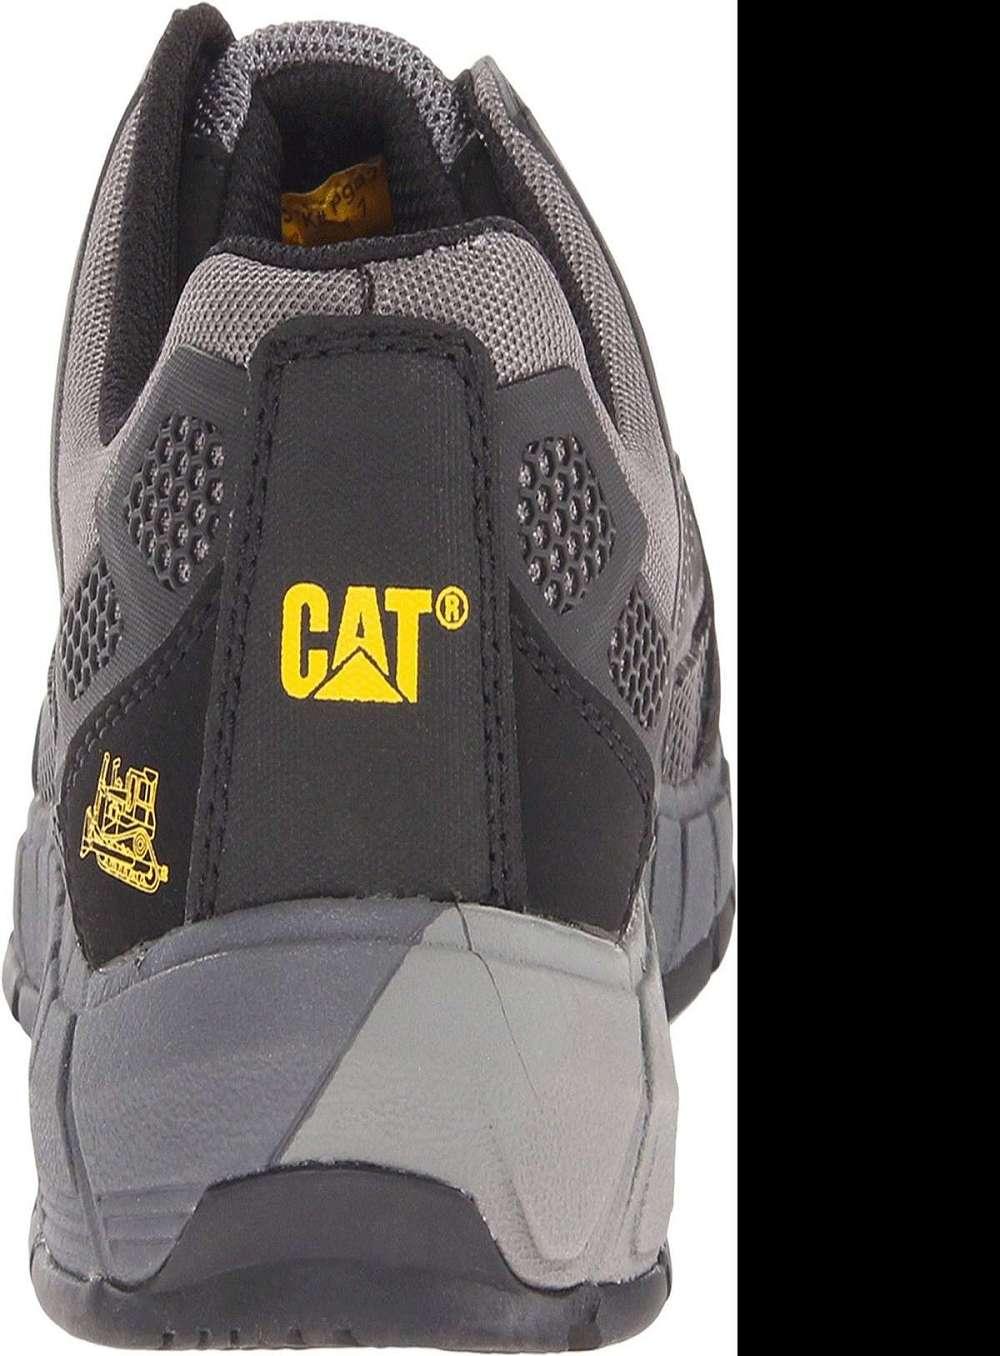 CAT Composite Toe Work Sneakers  DudeIWantThatcom